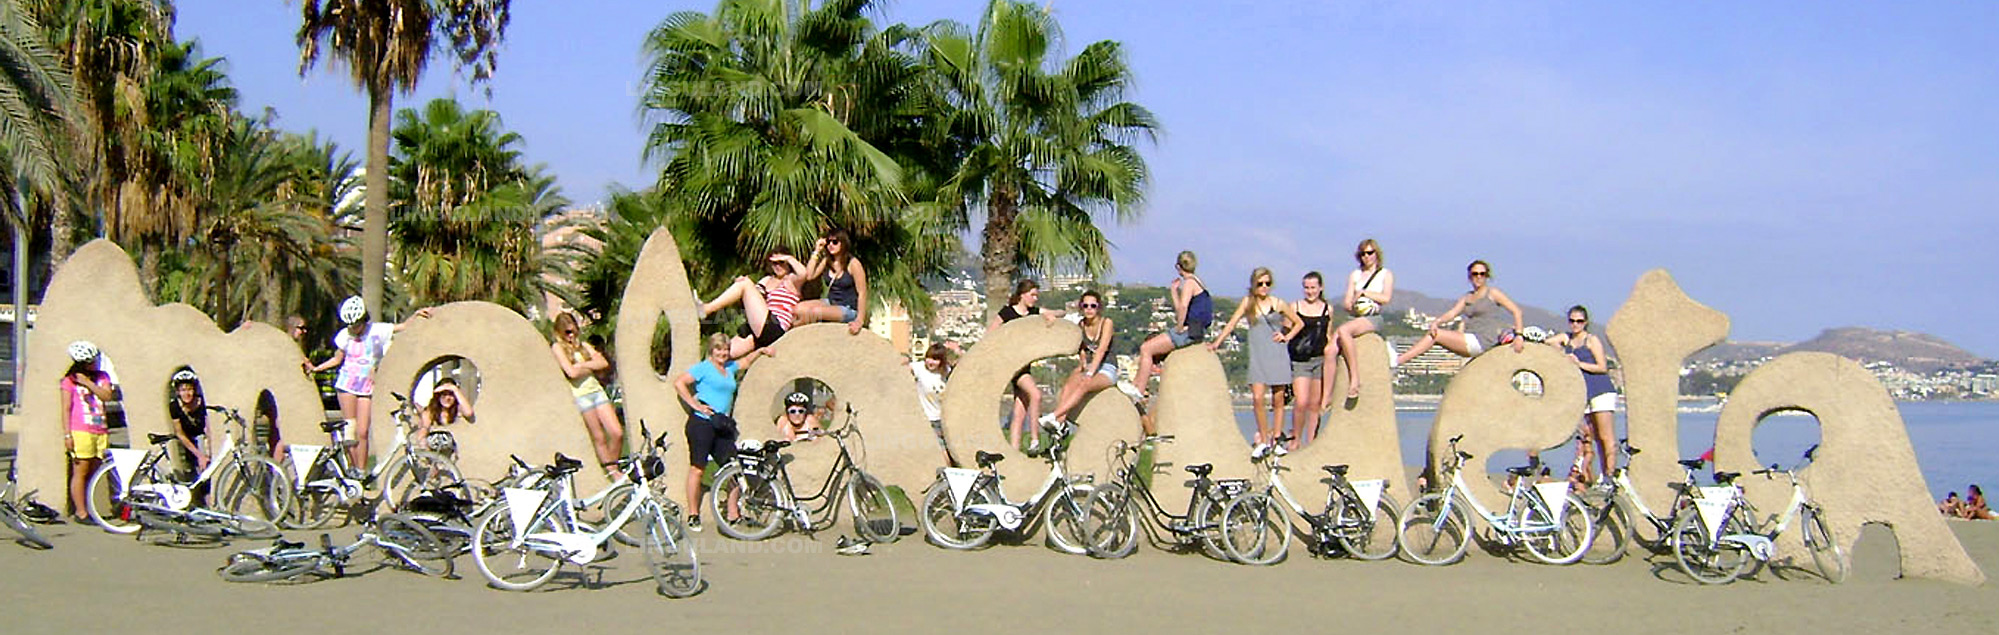 Oberstufenvorbereitung in Spanien